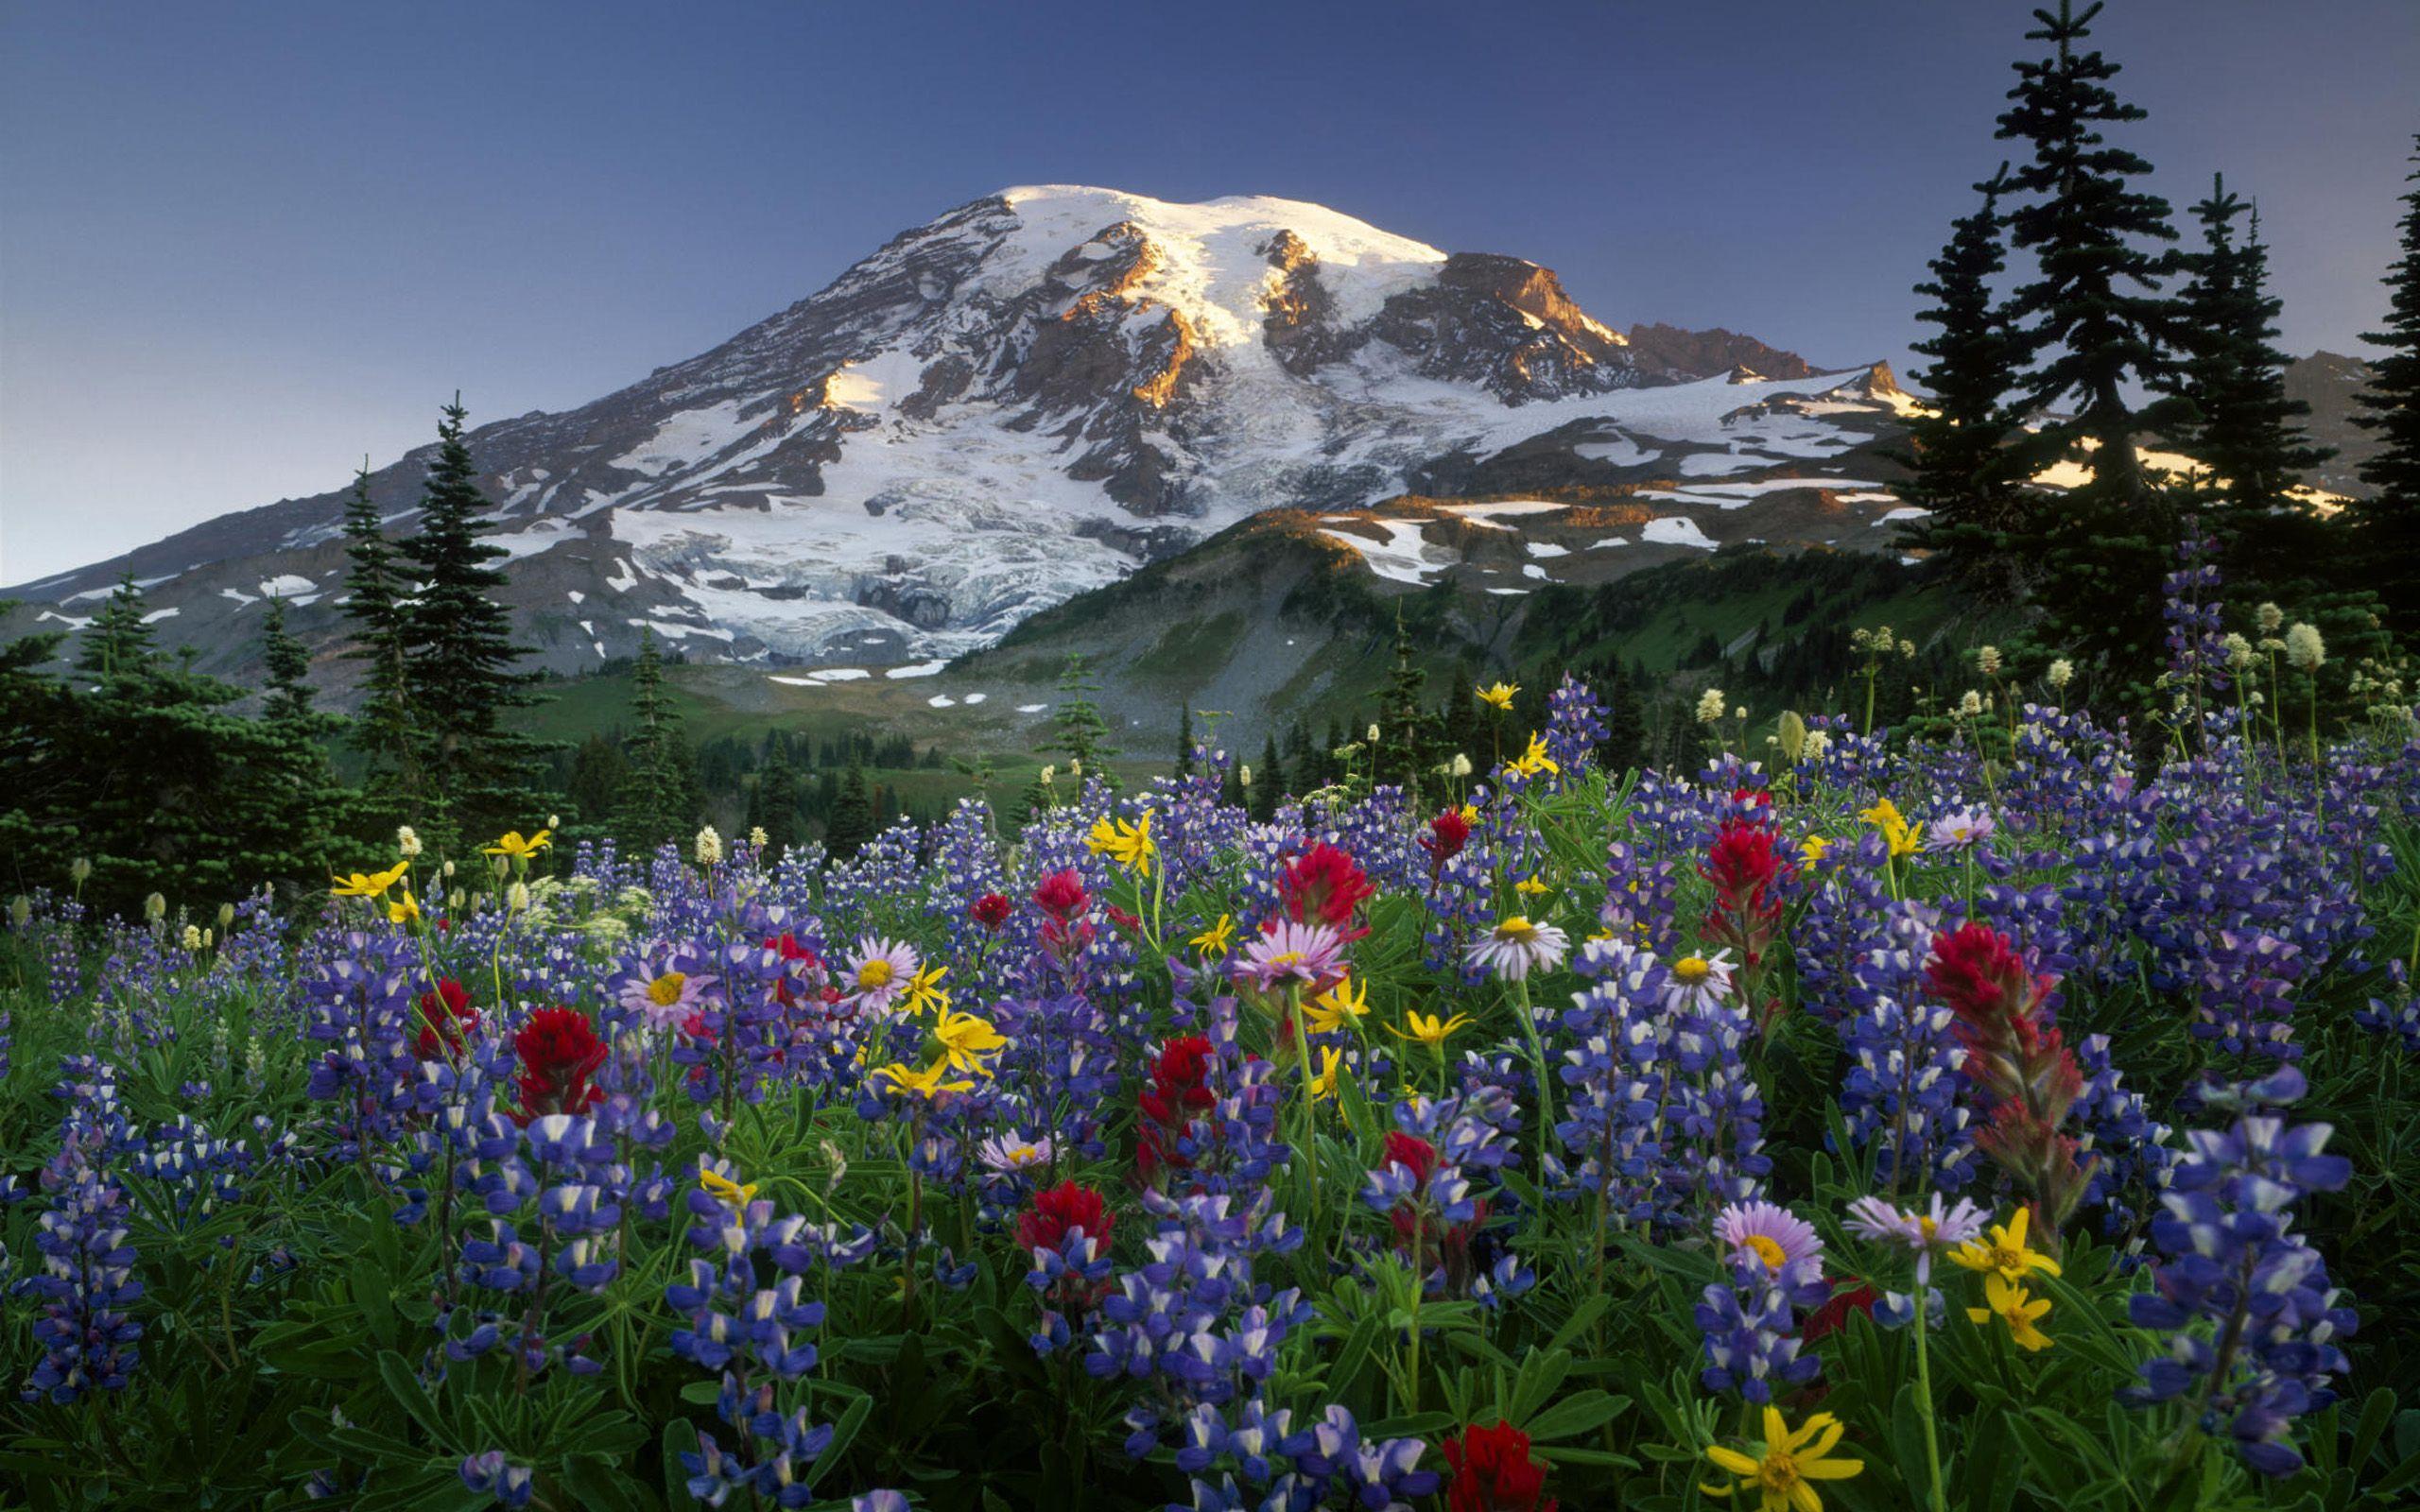 Hình nền thiên nhiên mùa xuân đẹp